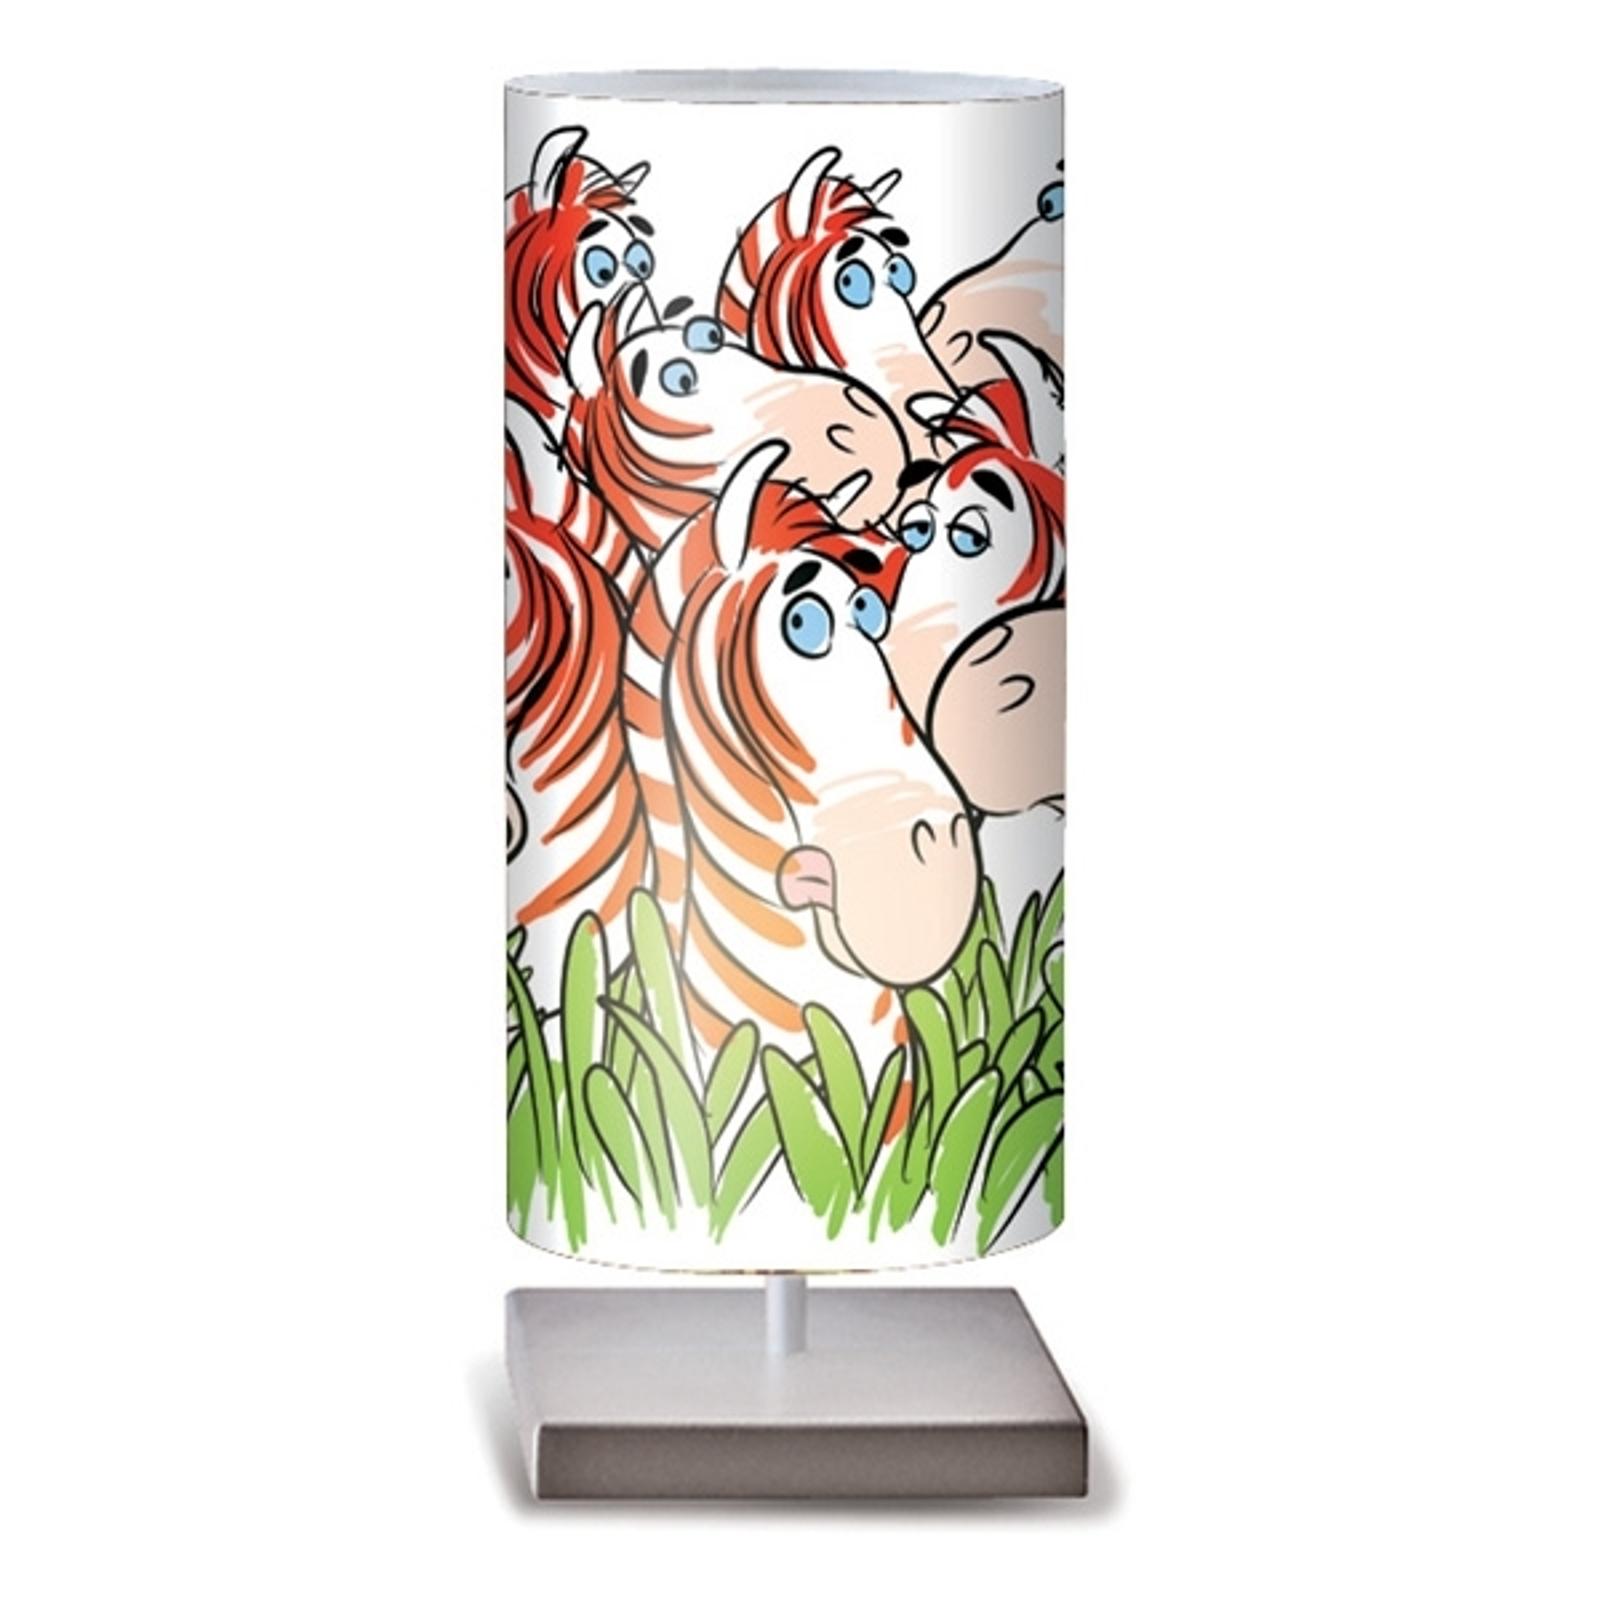 Zebra stolná lampa veselé farby do detskej izby_1056059_1